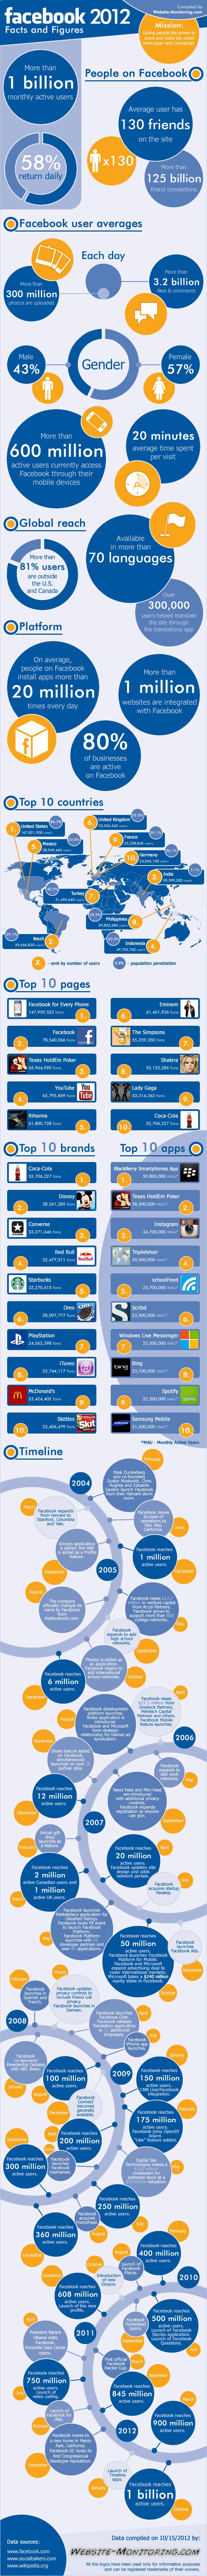 Infografia sobre datos y hechos de Facebook en el 2012